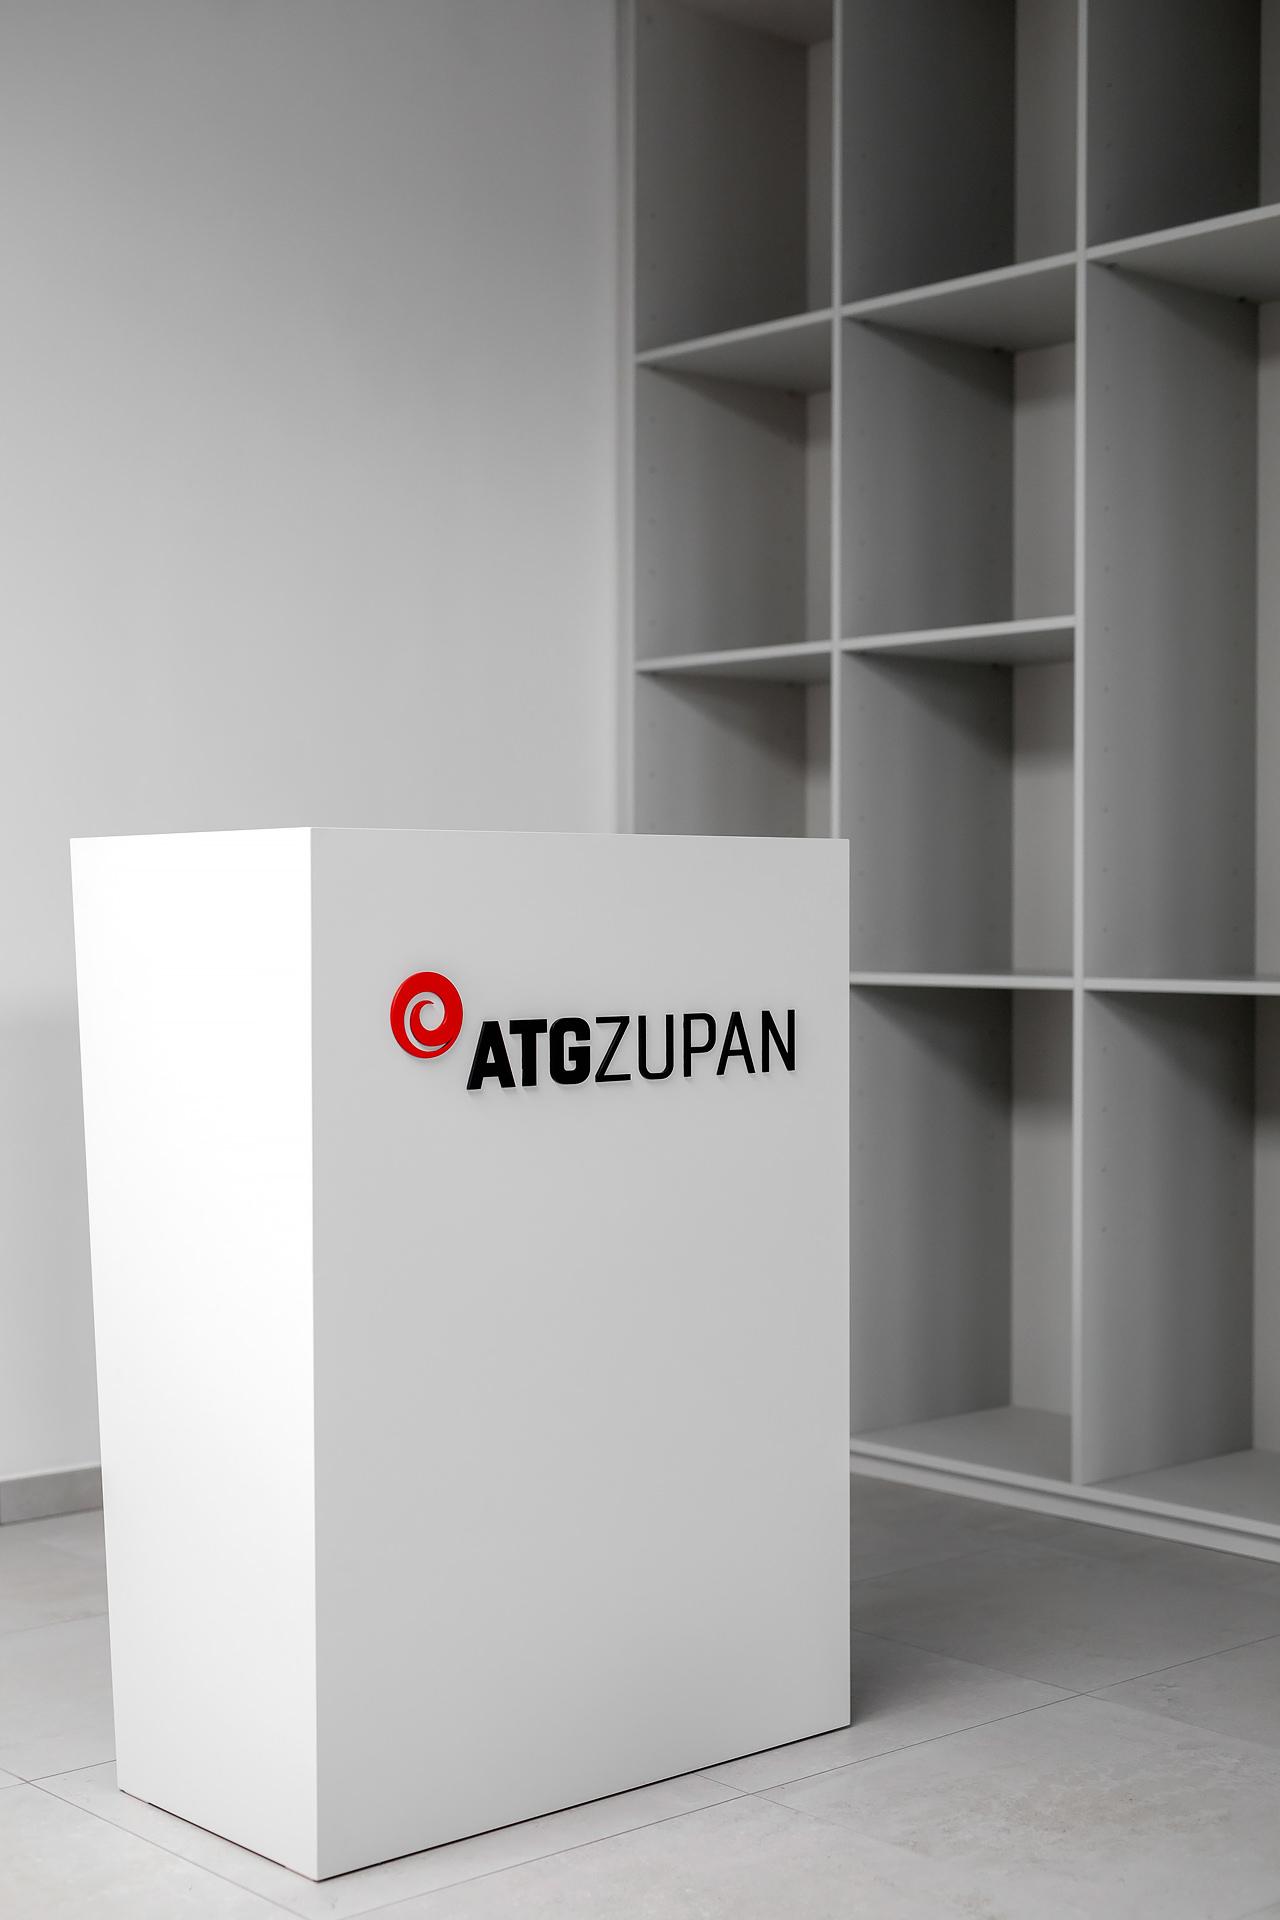 ATG-Zupan-147